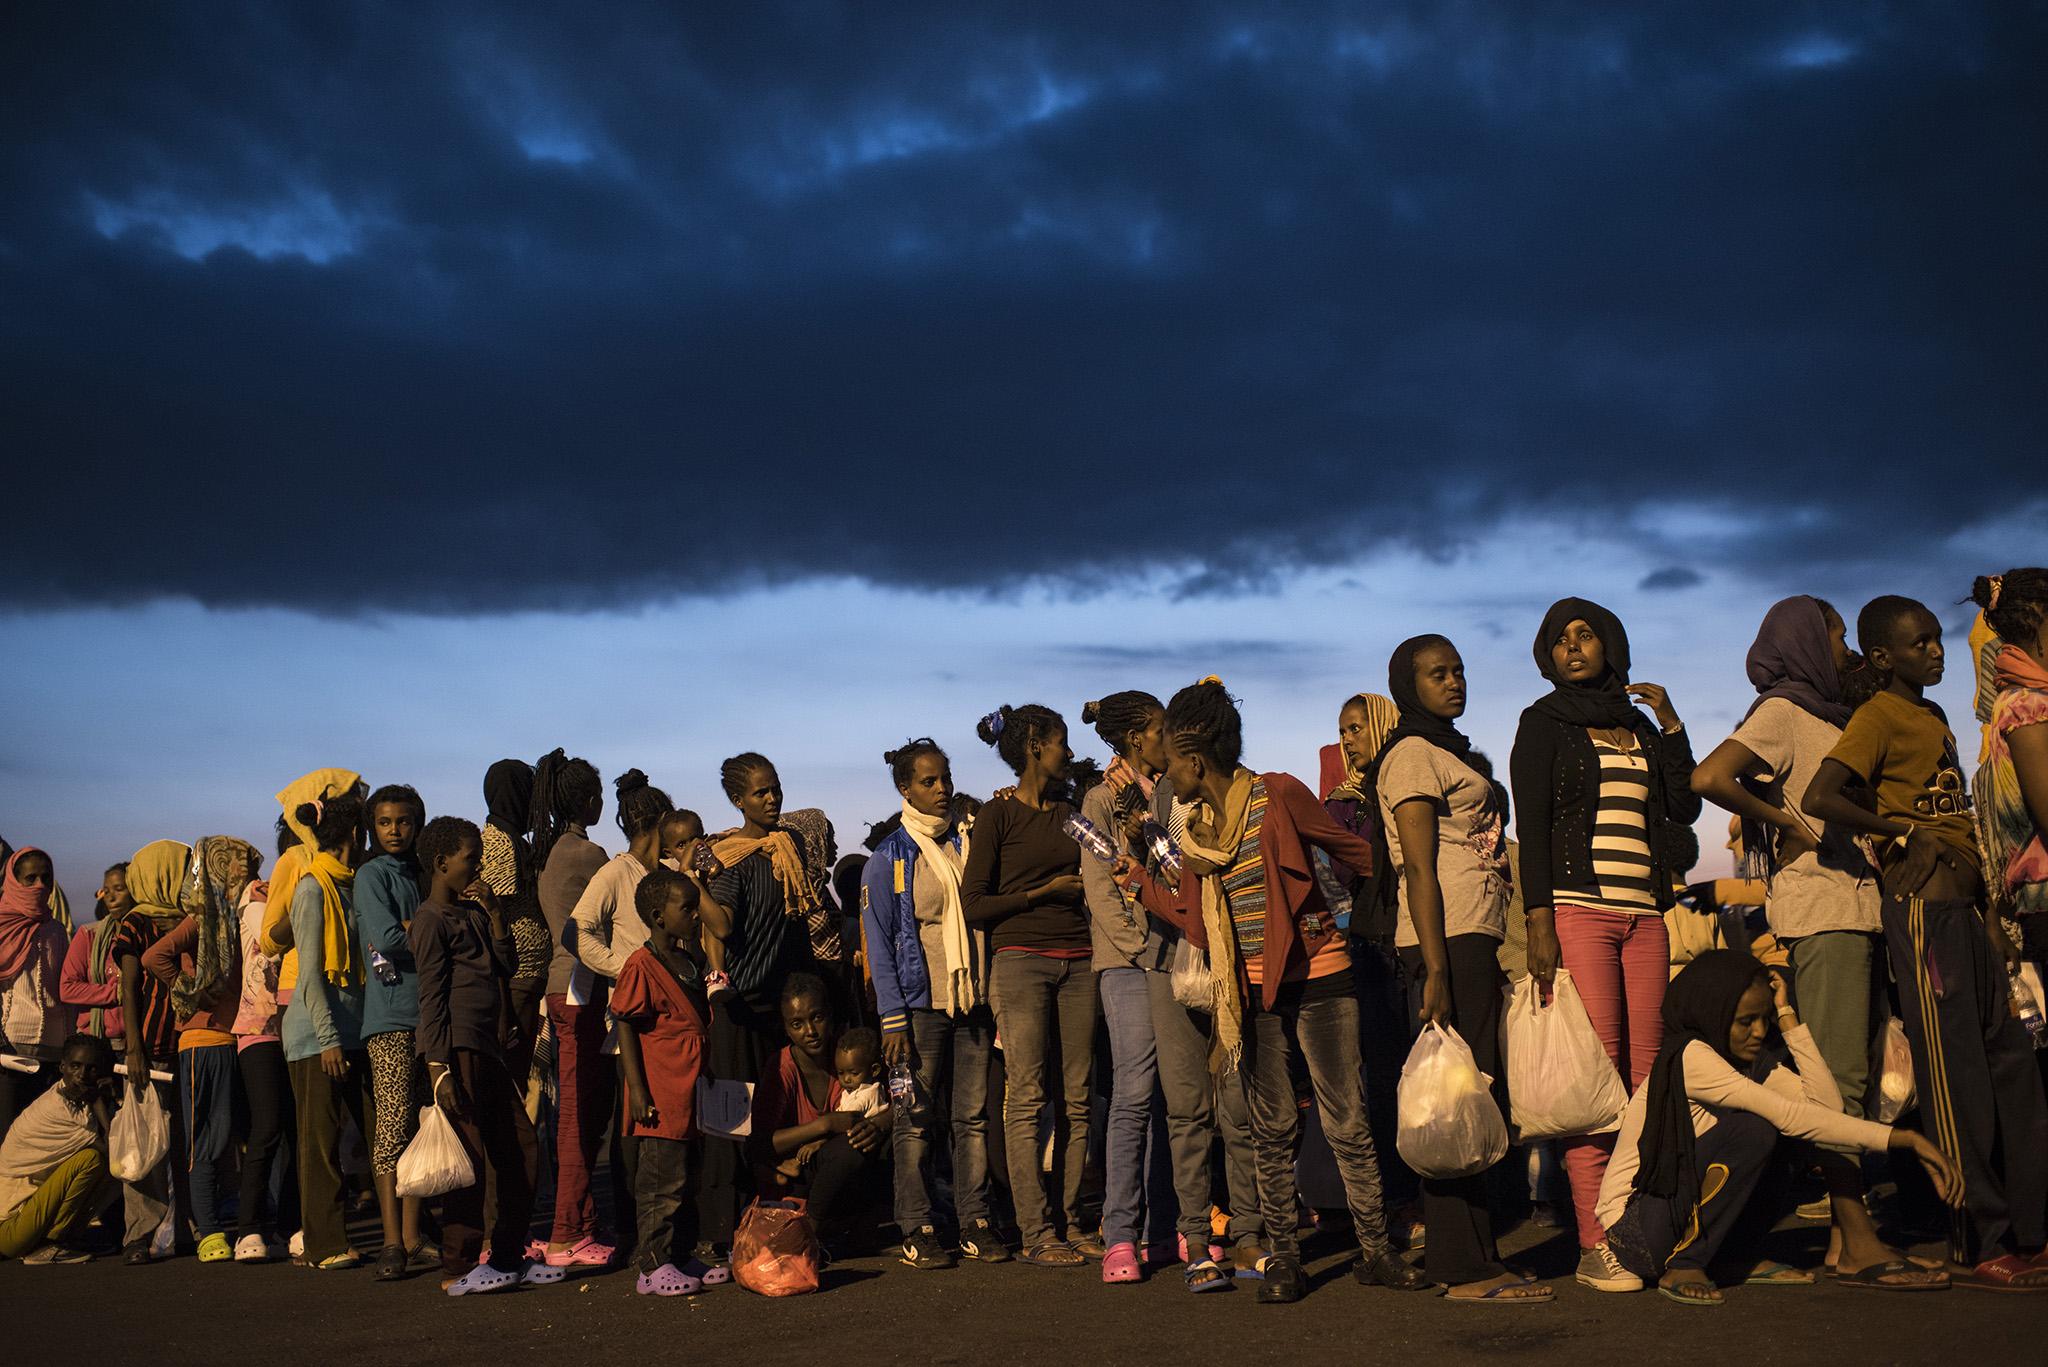 Europa e Italia: da dove arrivano i migranti